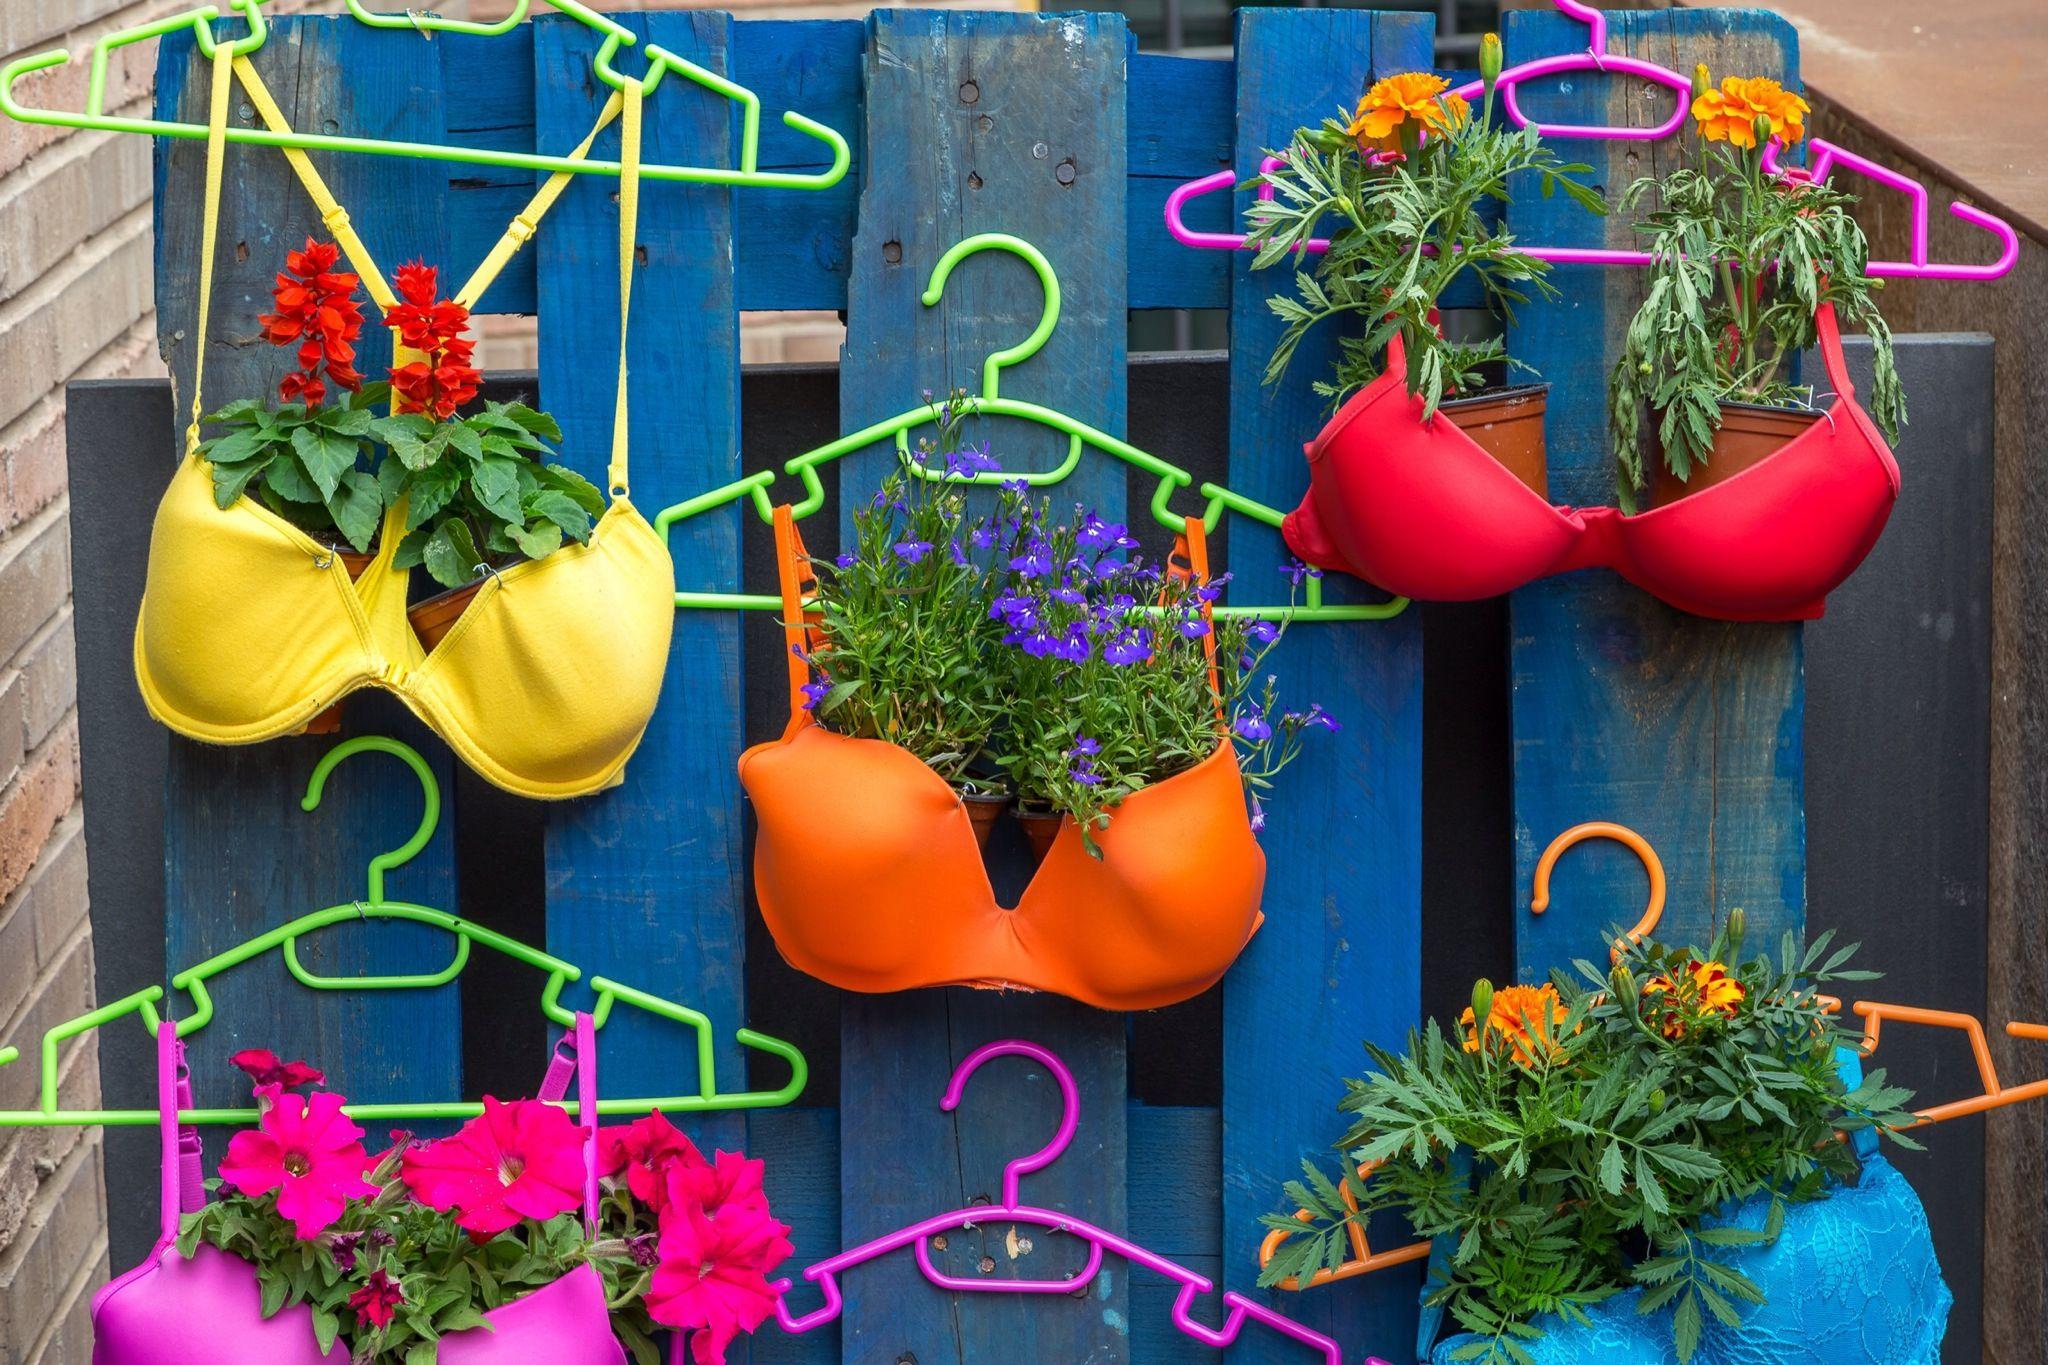 Jardines creativos 12 objetos reciclados convertidos en for Ideas para jardin reciclado